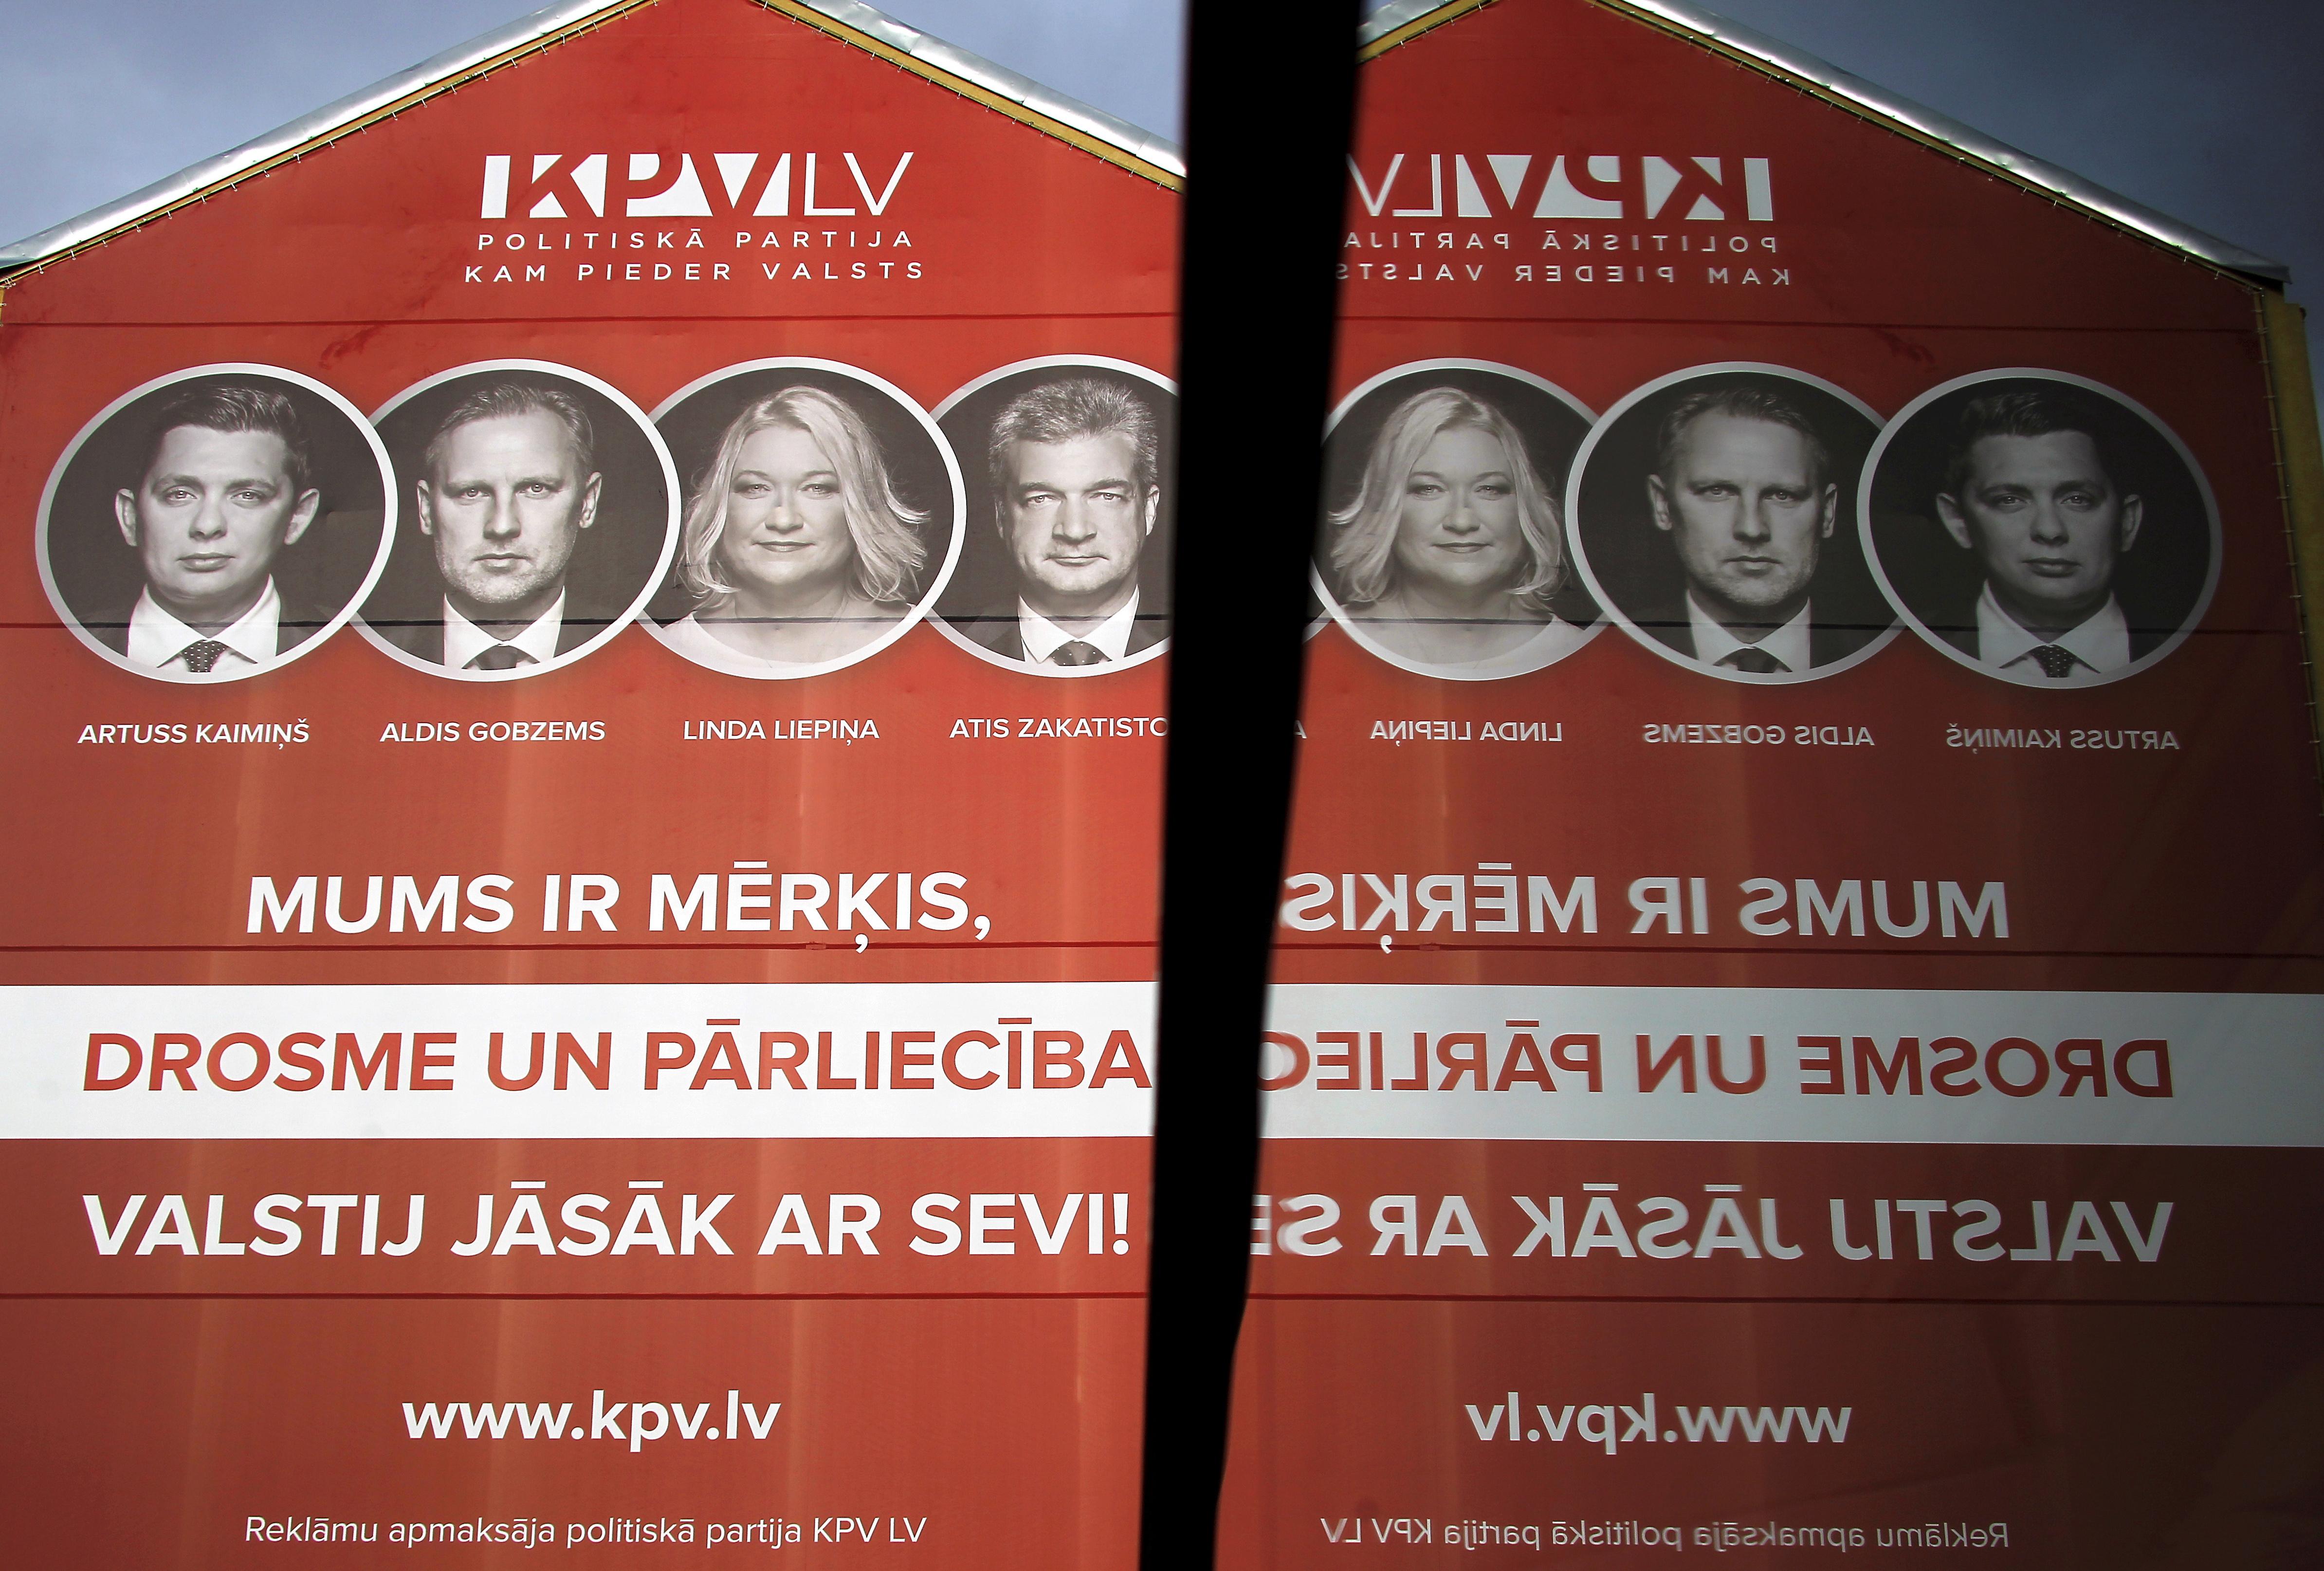 Proruska stranka vodi na latvijskim izborima obilježenima kibernetičkim napadom